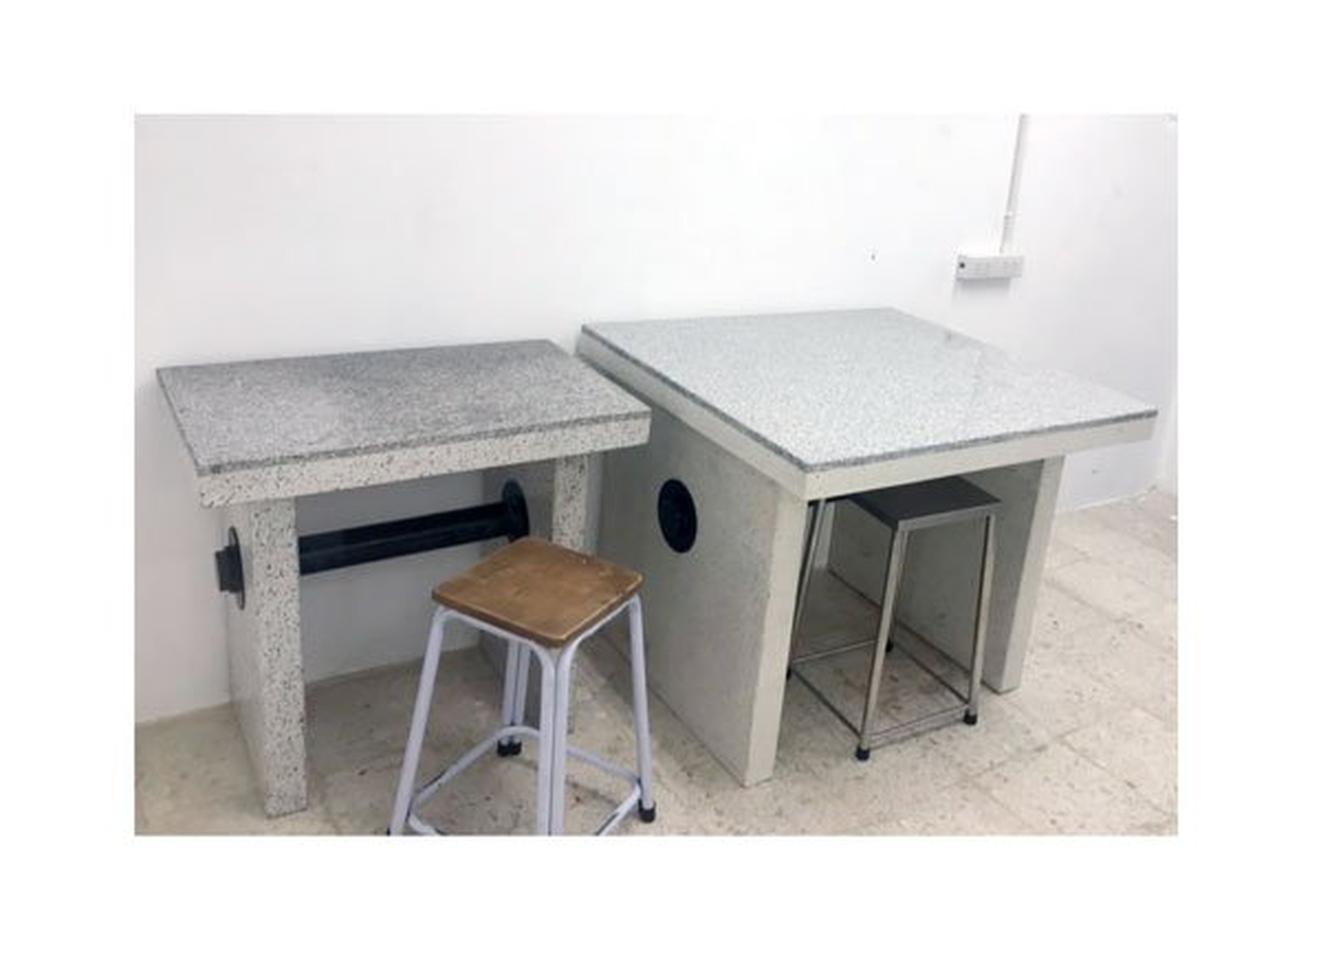 โต๊ะสำหรับวางเครื่องชั่งน้ำหนัก (แผ่นหินแกรนิต) รูปที่ 1